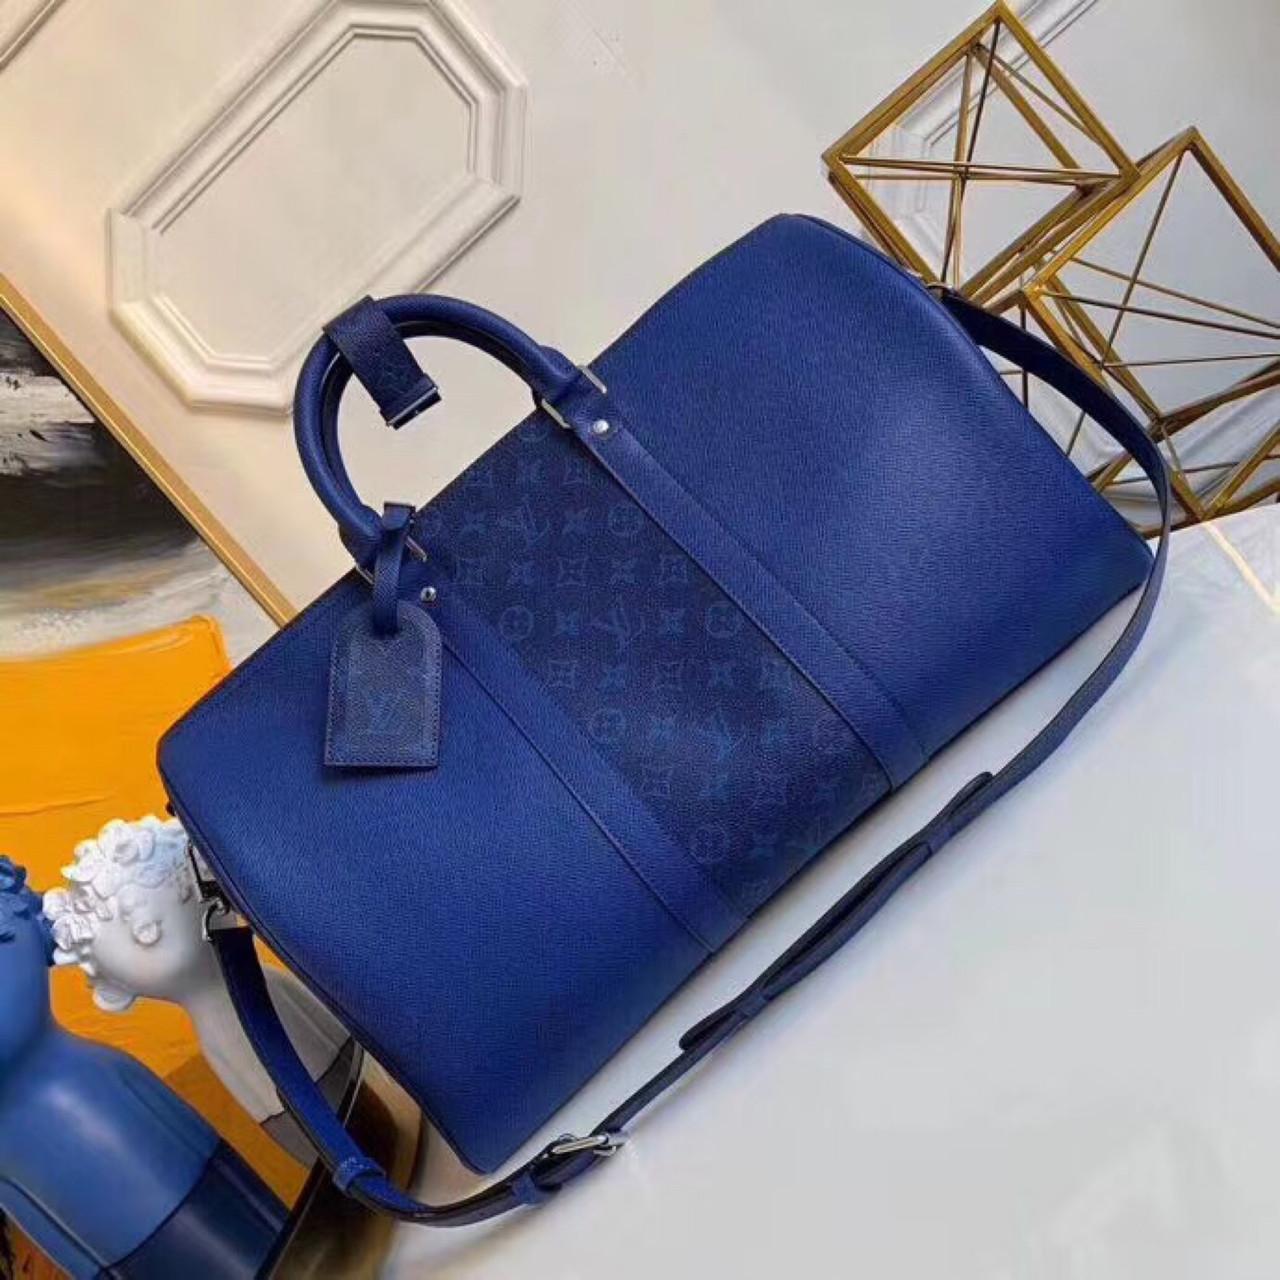 Дорожня сумка Луї Вітон Keepall 45, шкіряна репліка